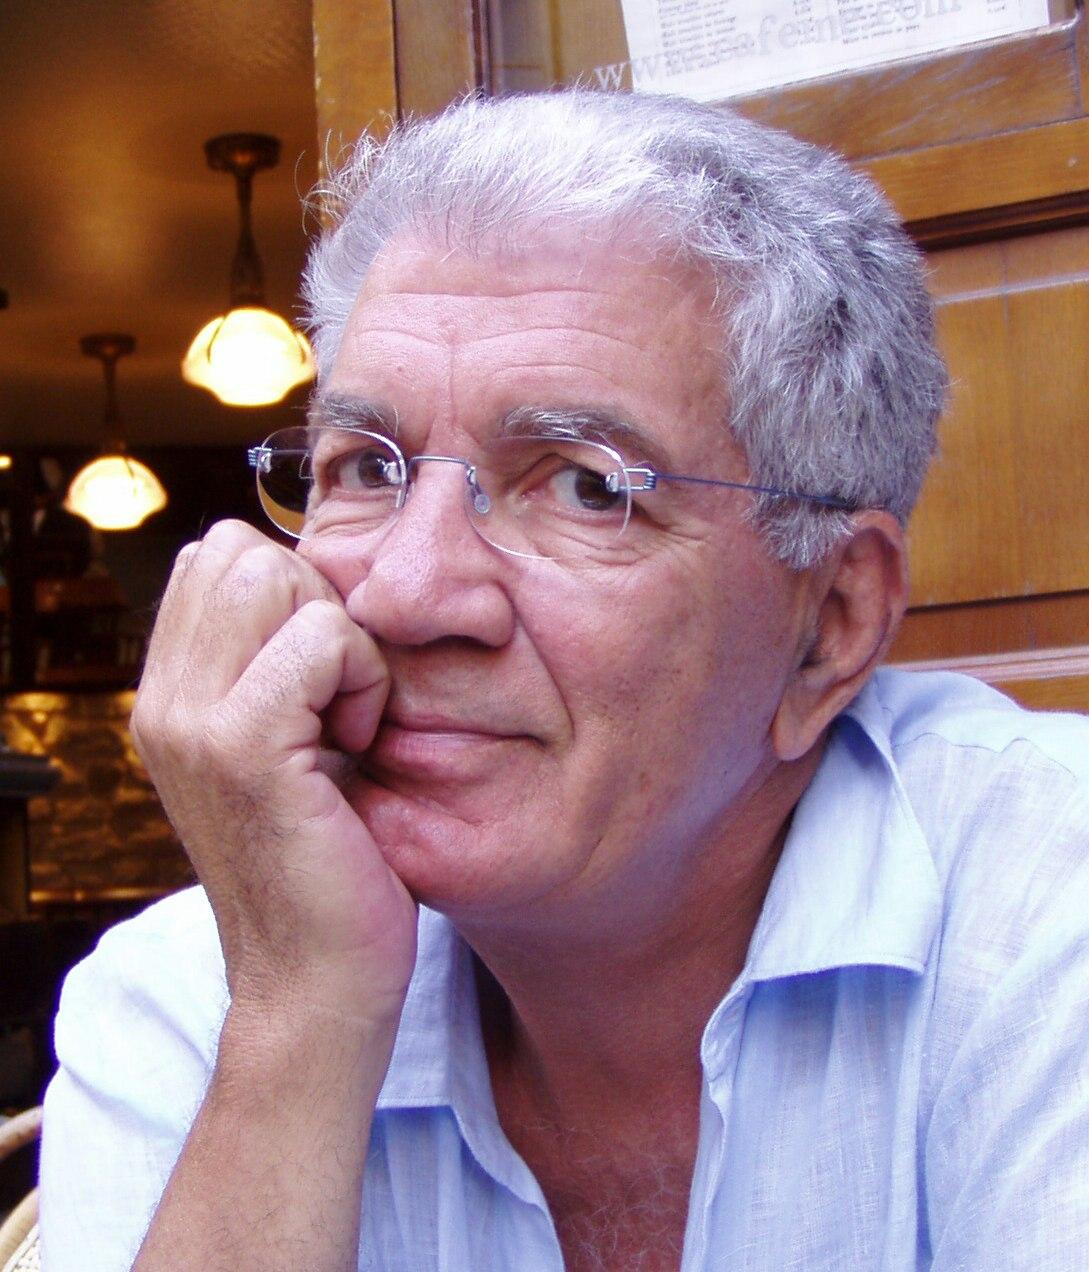 Ο κύριος ΑΖΑ a.k.a. Γιάννης Ζαχόπουλος